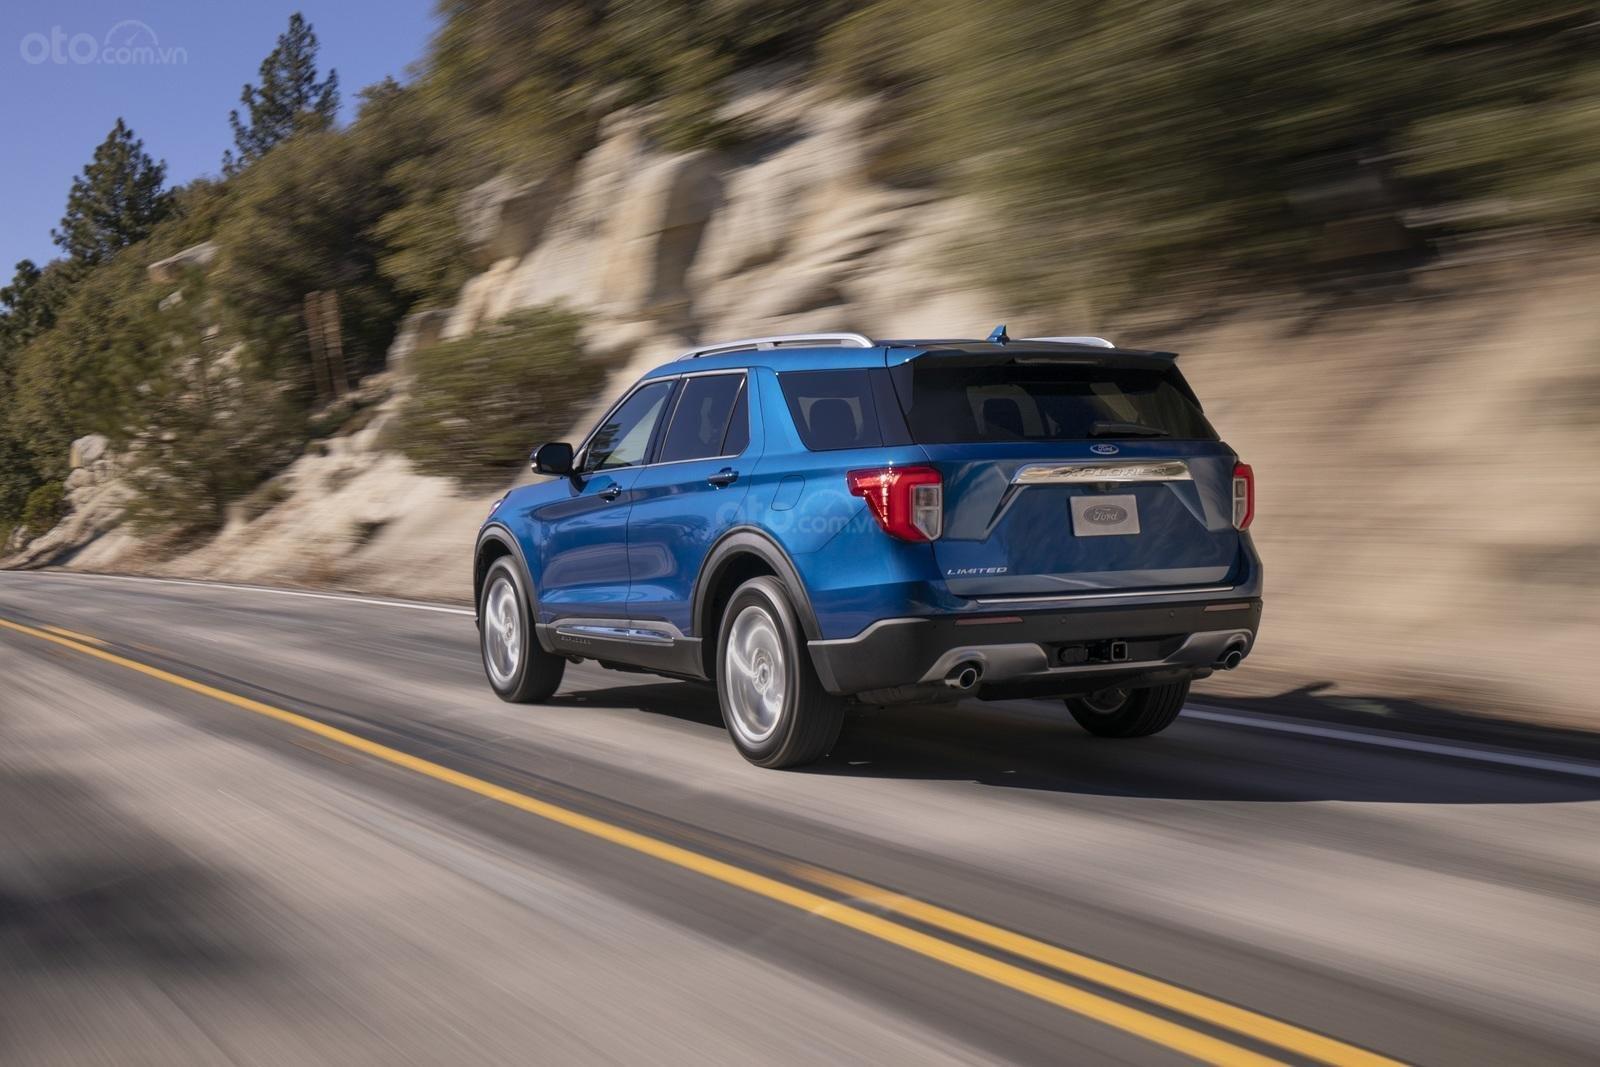 Đánh giá xe Ford Explorer 2020 về mức tiêu thụ nhiên liệu